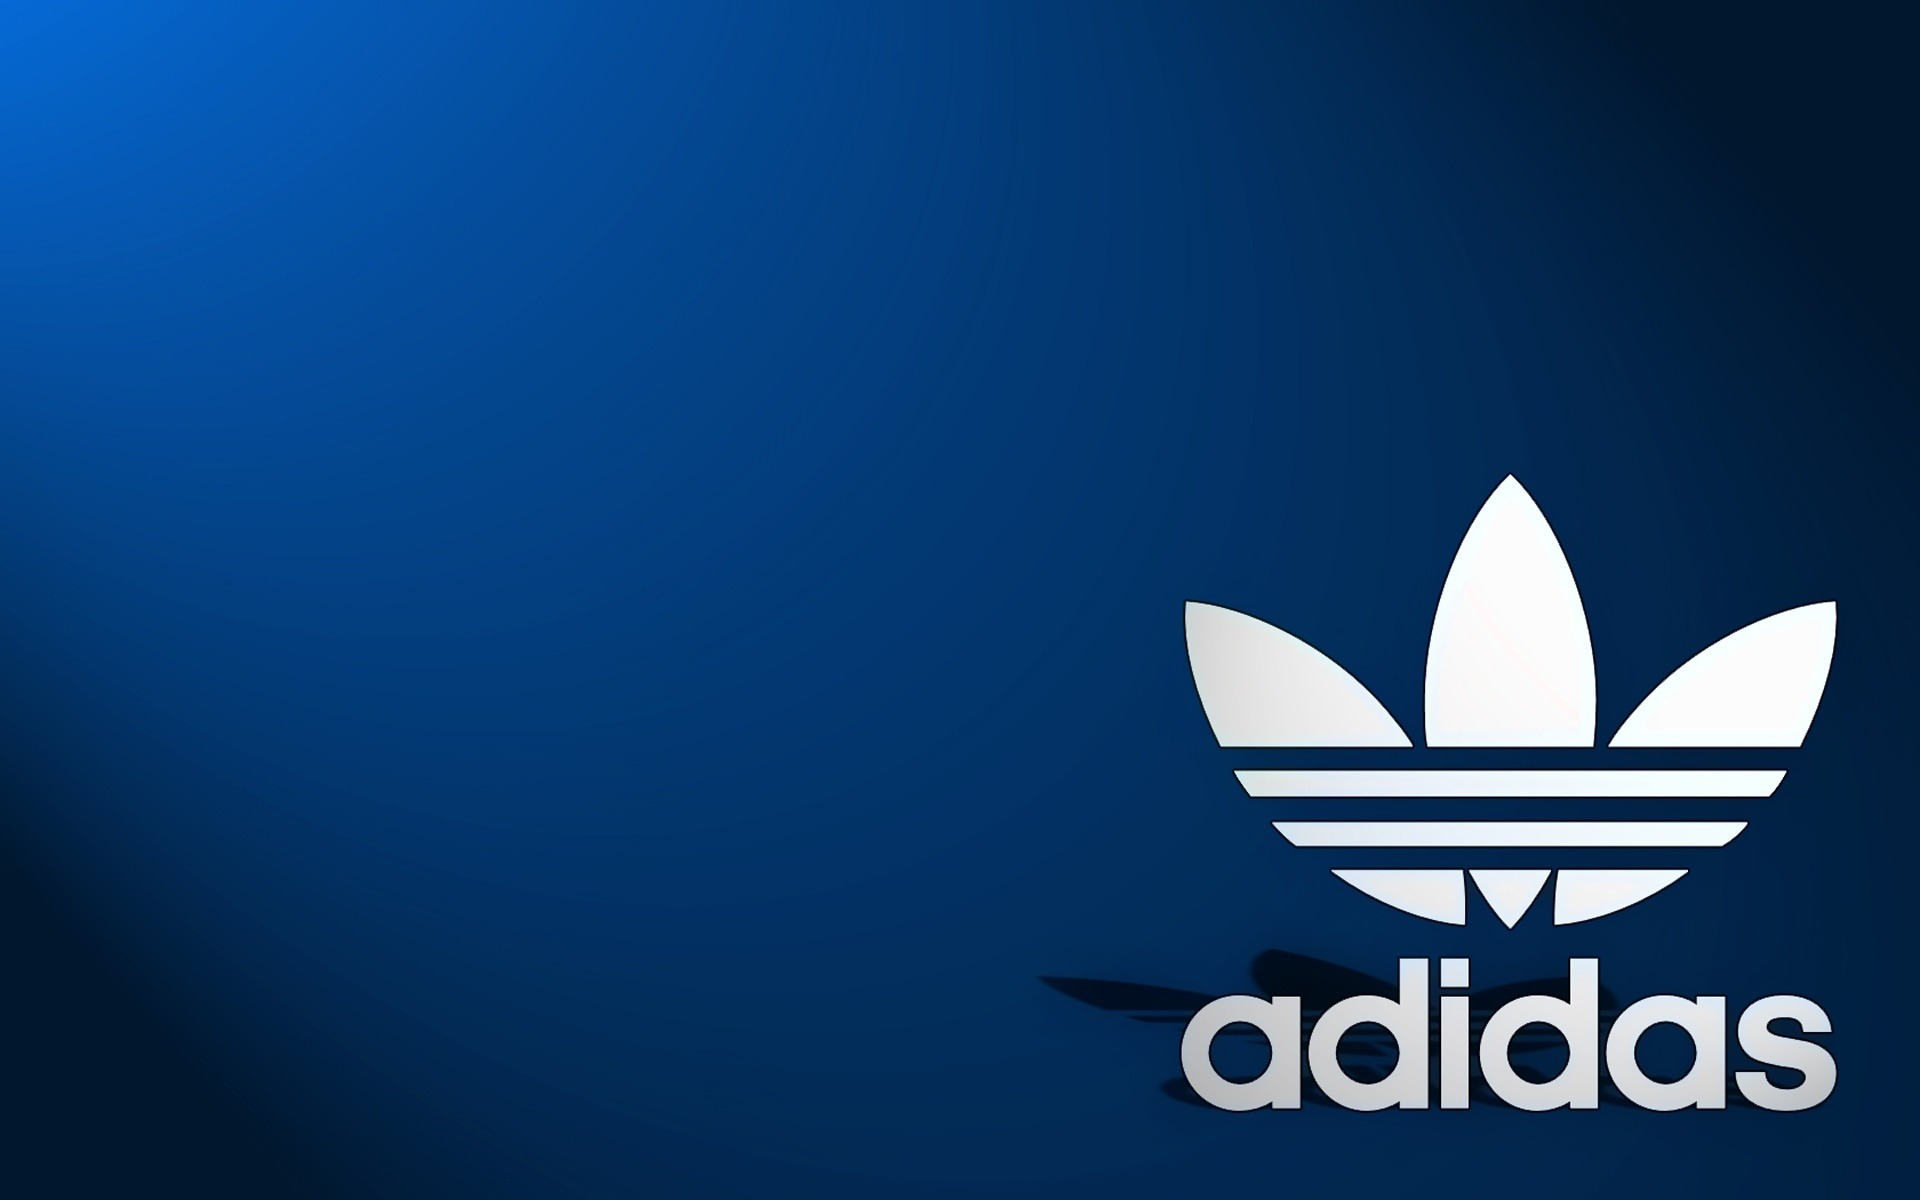 アディダスのロゴ 有名なブランドイメージを表示デスクトップの壁紙プレビュー 10wallpaper Com